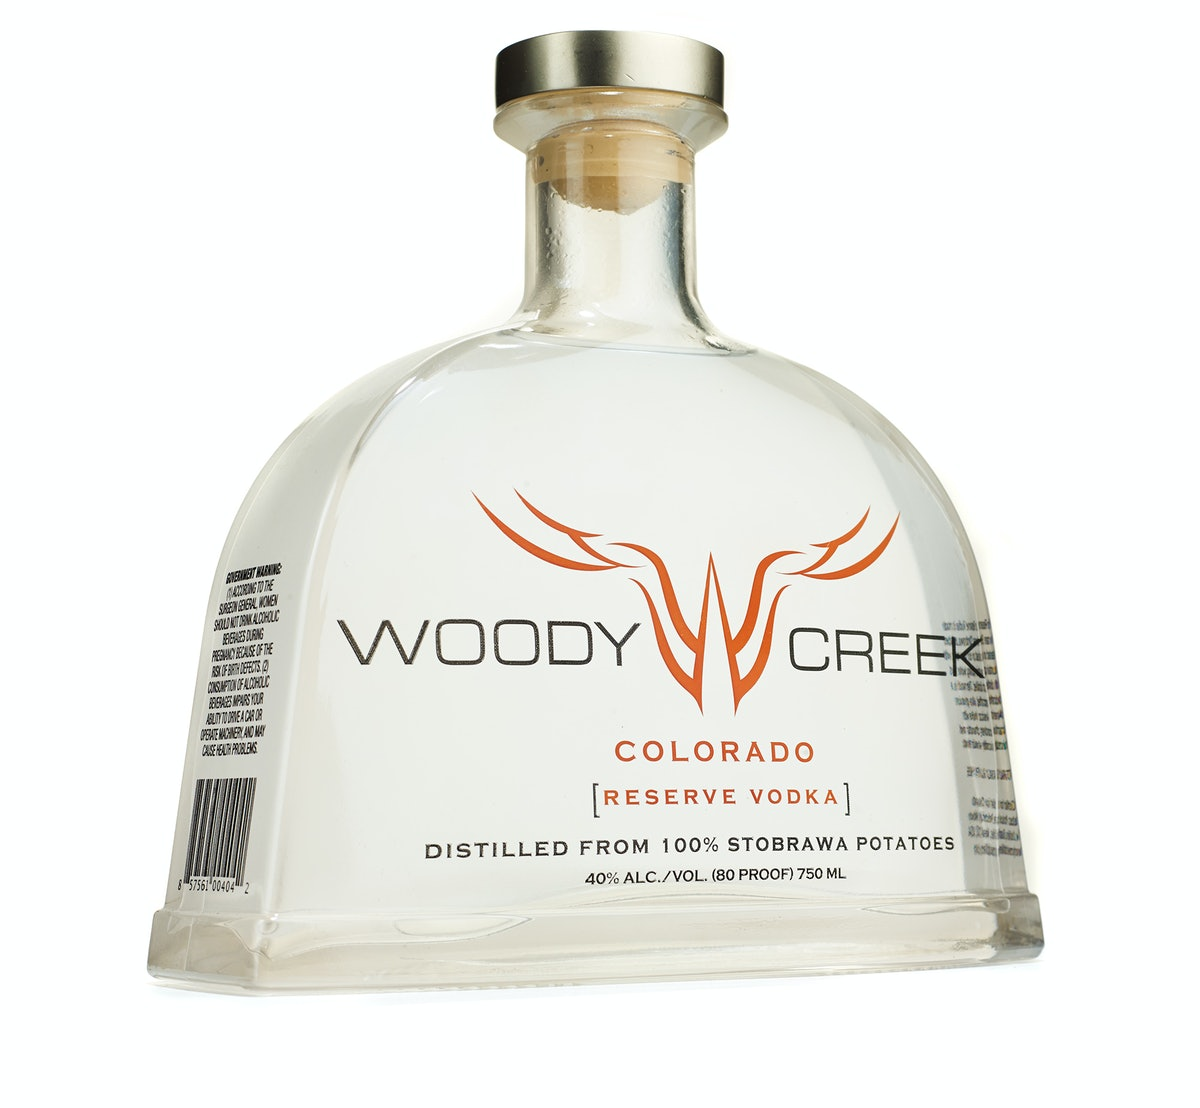 Woody Creek Colorado Reserve Vodka